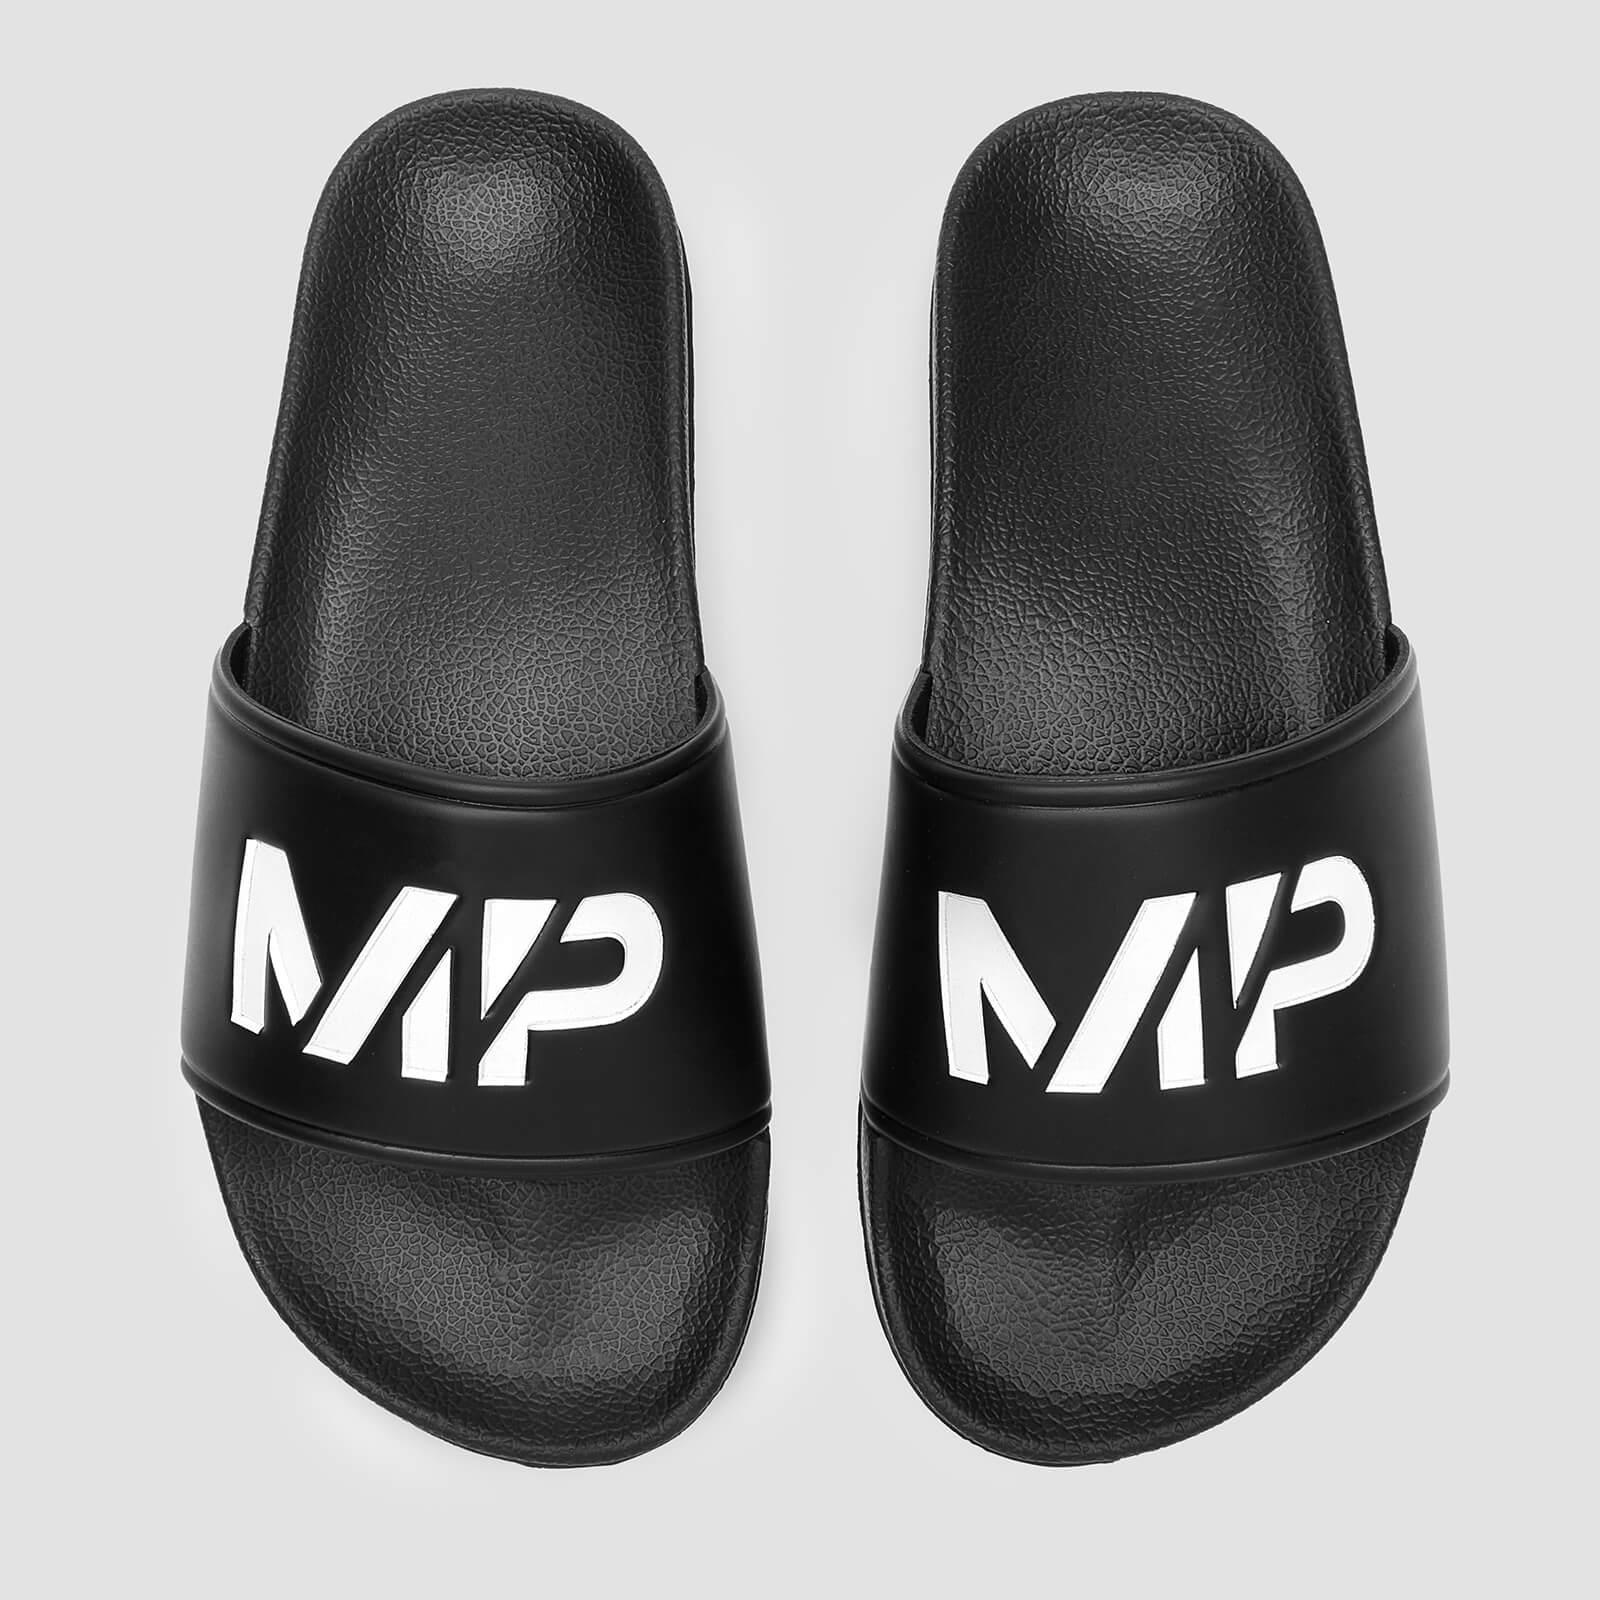 Mp Men's Sliders - Black/White - UK 8